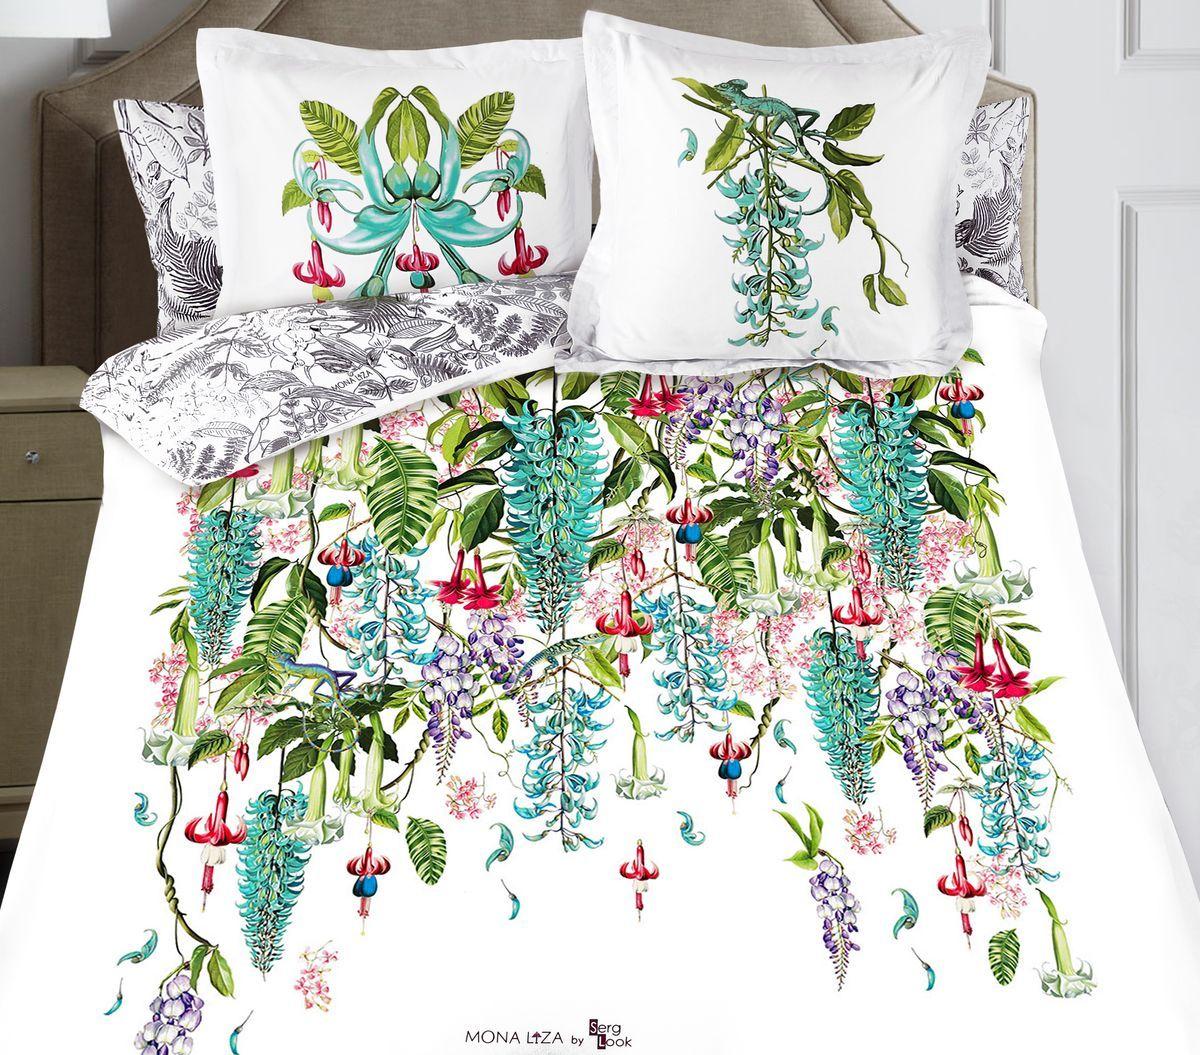 Комплект белья Mona Liza Jade, 2-спальный, наволочки 50x70, 70x70297/32Флоральные мотивы редких экзотических цветов, переведенные в паттерн, позаимствованы из путешествий по тропическим лесам, будоражат воображение природными сочетаниями цветовых палитр и роскошью принтов. Коллекция принесет в ваш дом незабываемое настроение и добавит колорит. Высококачественный сатин окутает и позволит раствориться в мечтах о дальних жарких странах и окунуться во время вечного лета!